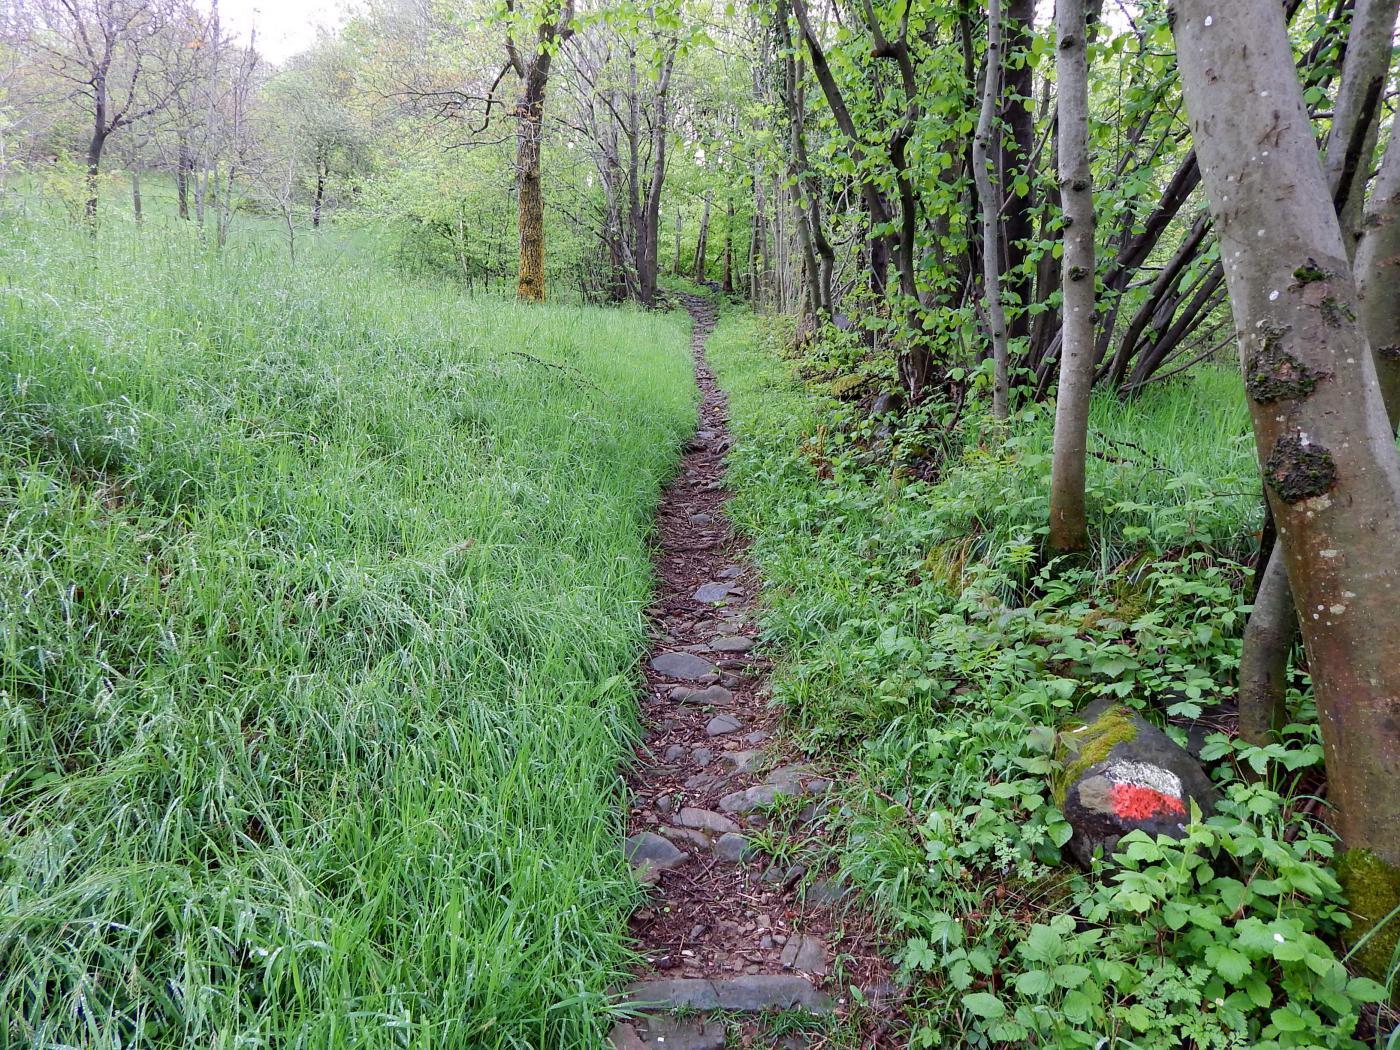 Prima parte del sentiero